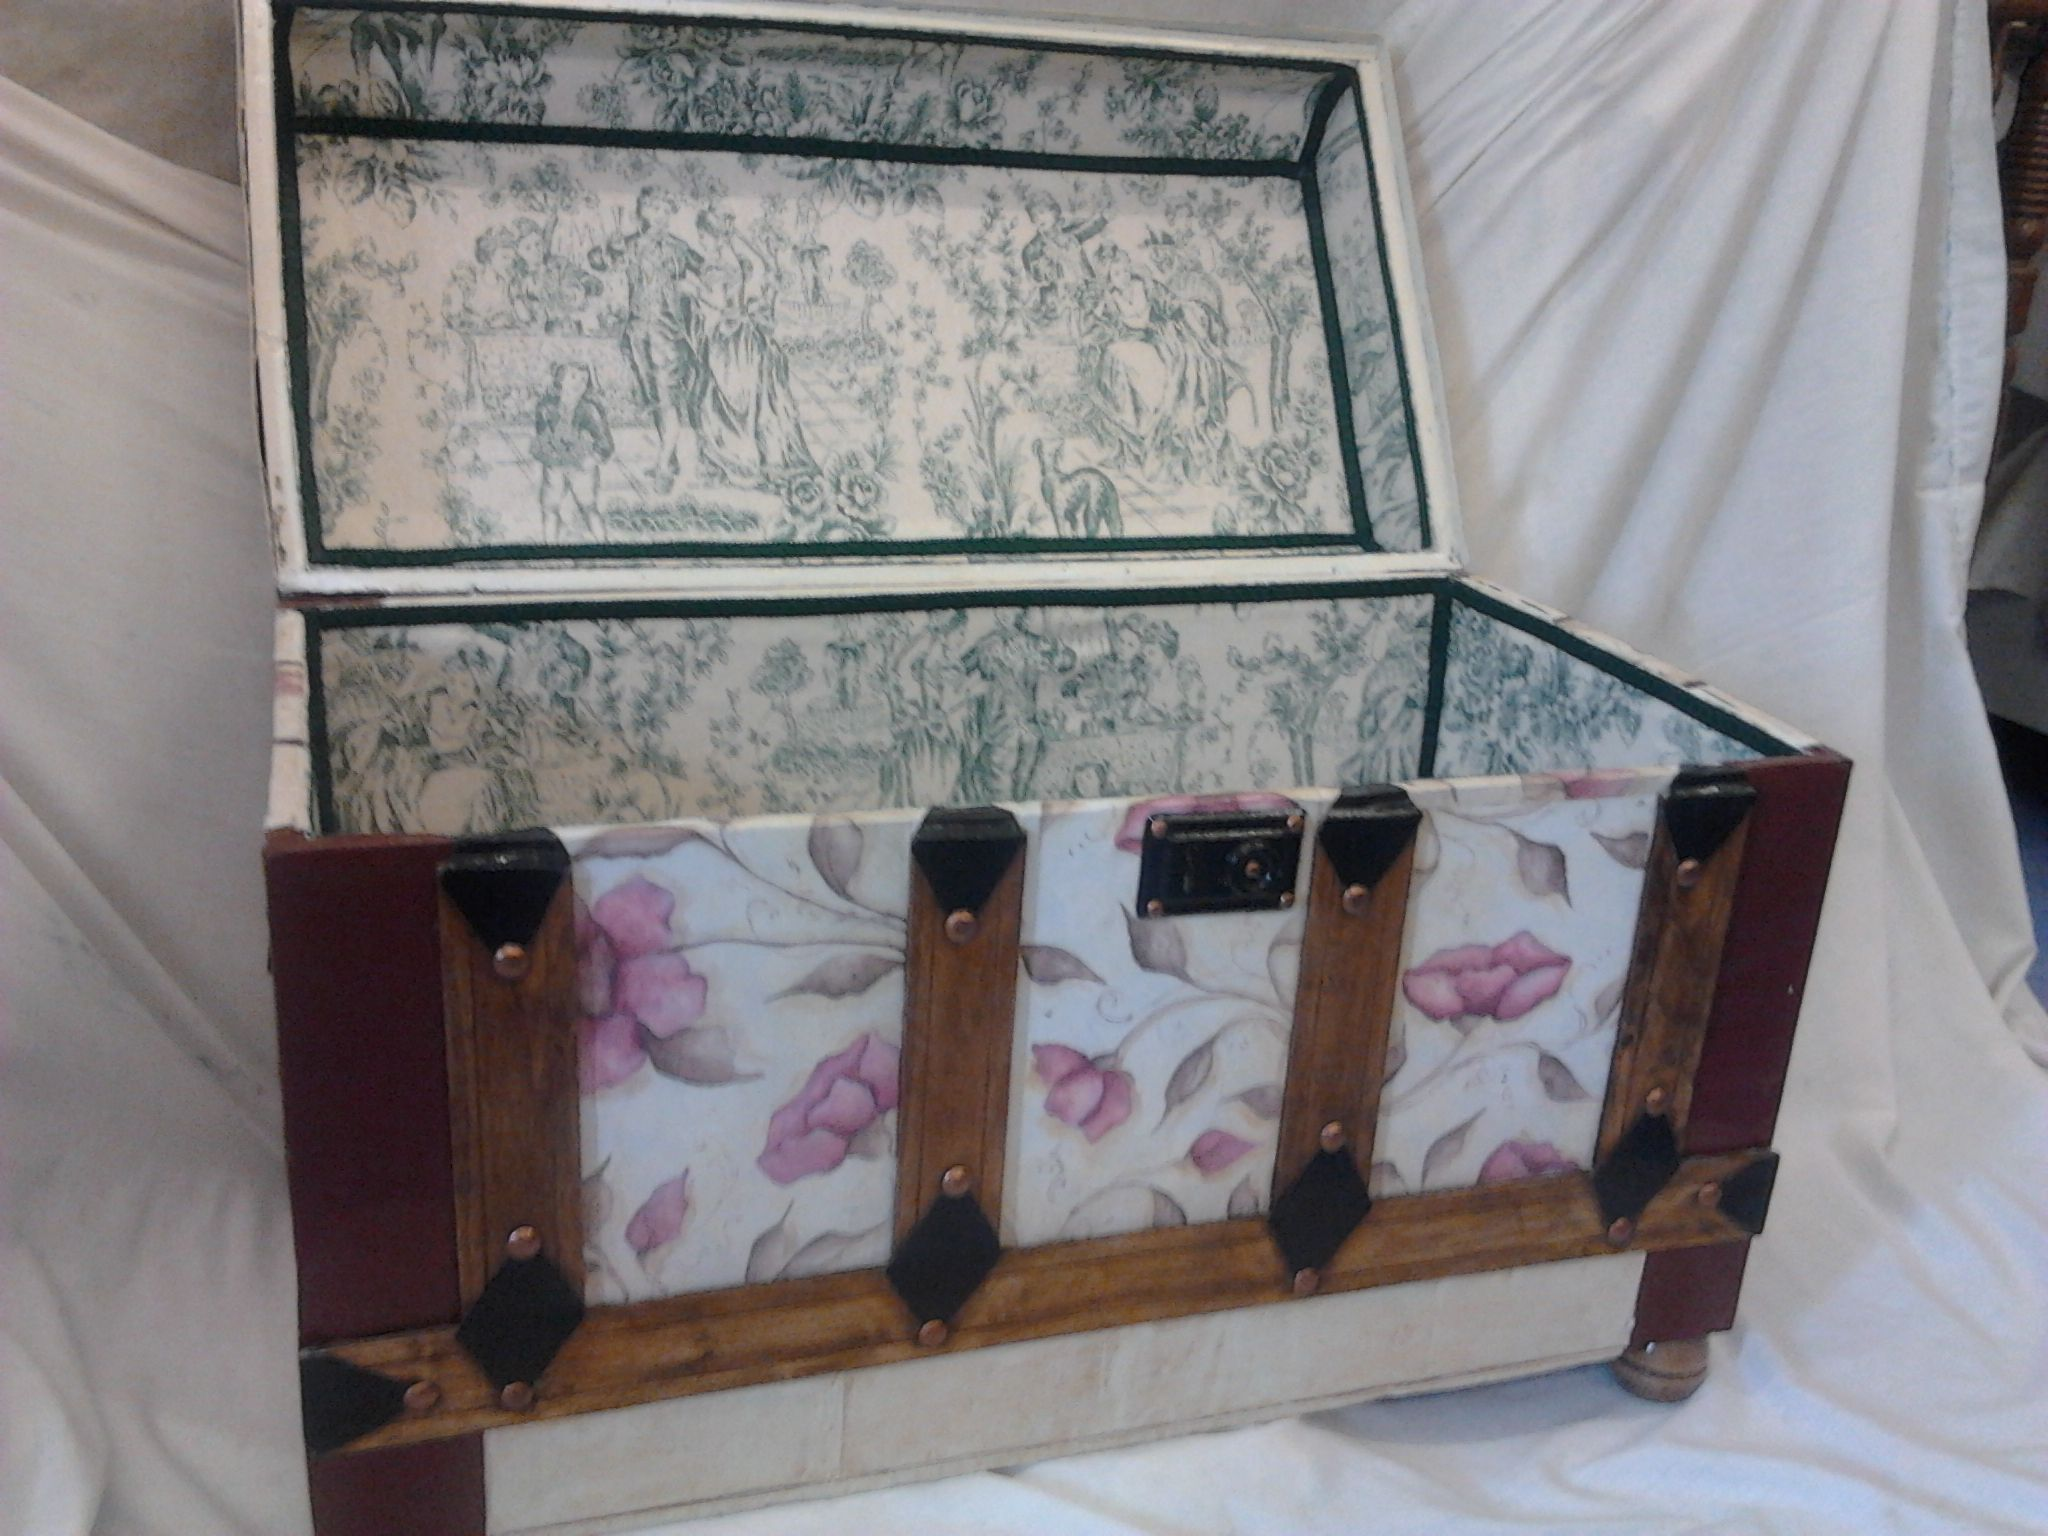 Baul Restaurado Decorado Con Pintura Y Papel Y Forrado Con Tela  ~ Decorar Muebles Con Papel Pintado